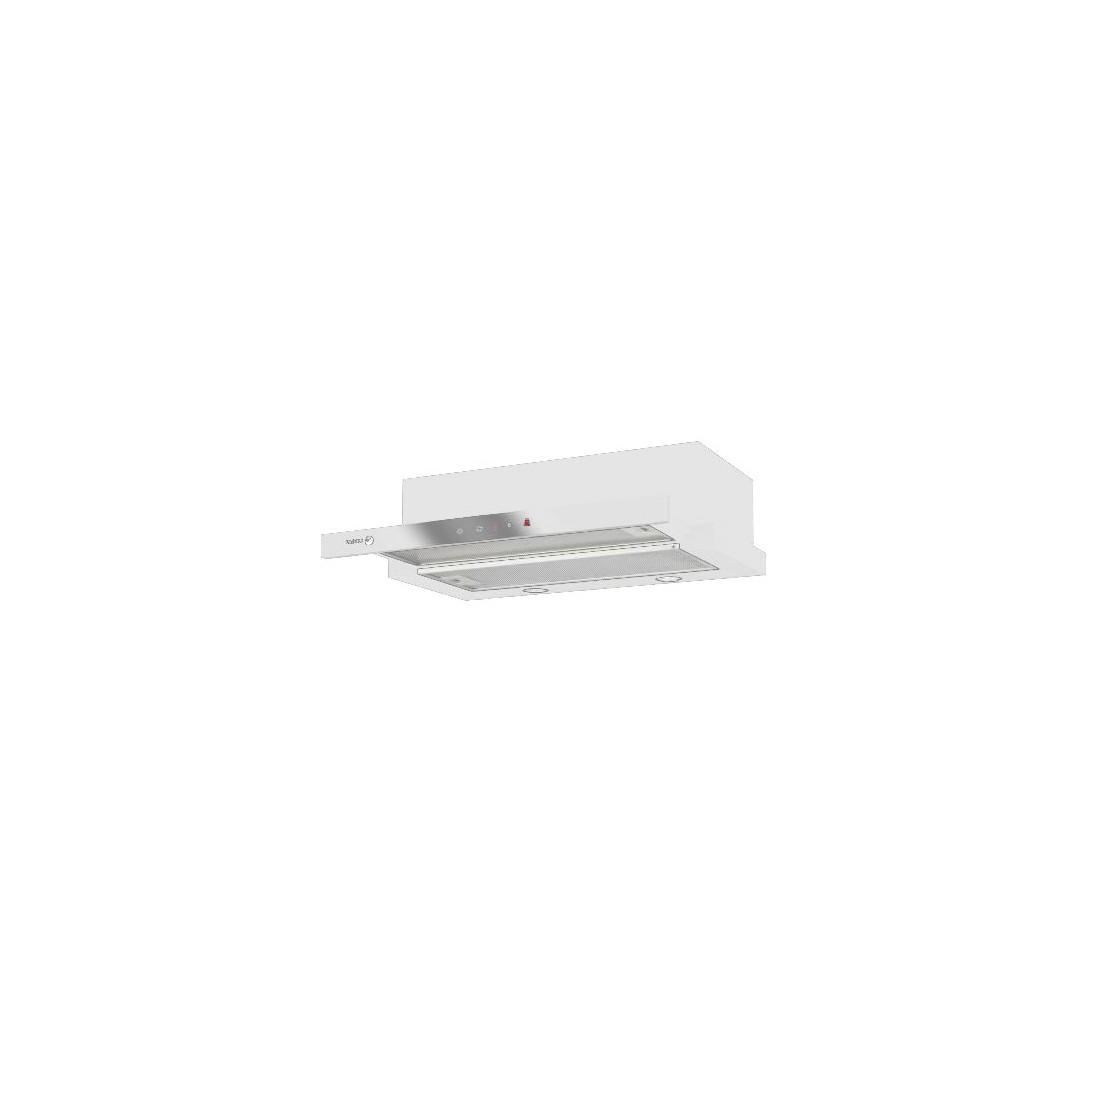 Campana Telescópica - Fagor 3AF3-645B, Eficiencia C, Acero Inoxidable, Extraíble